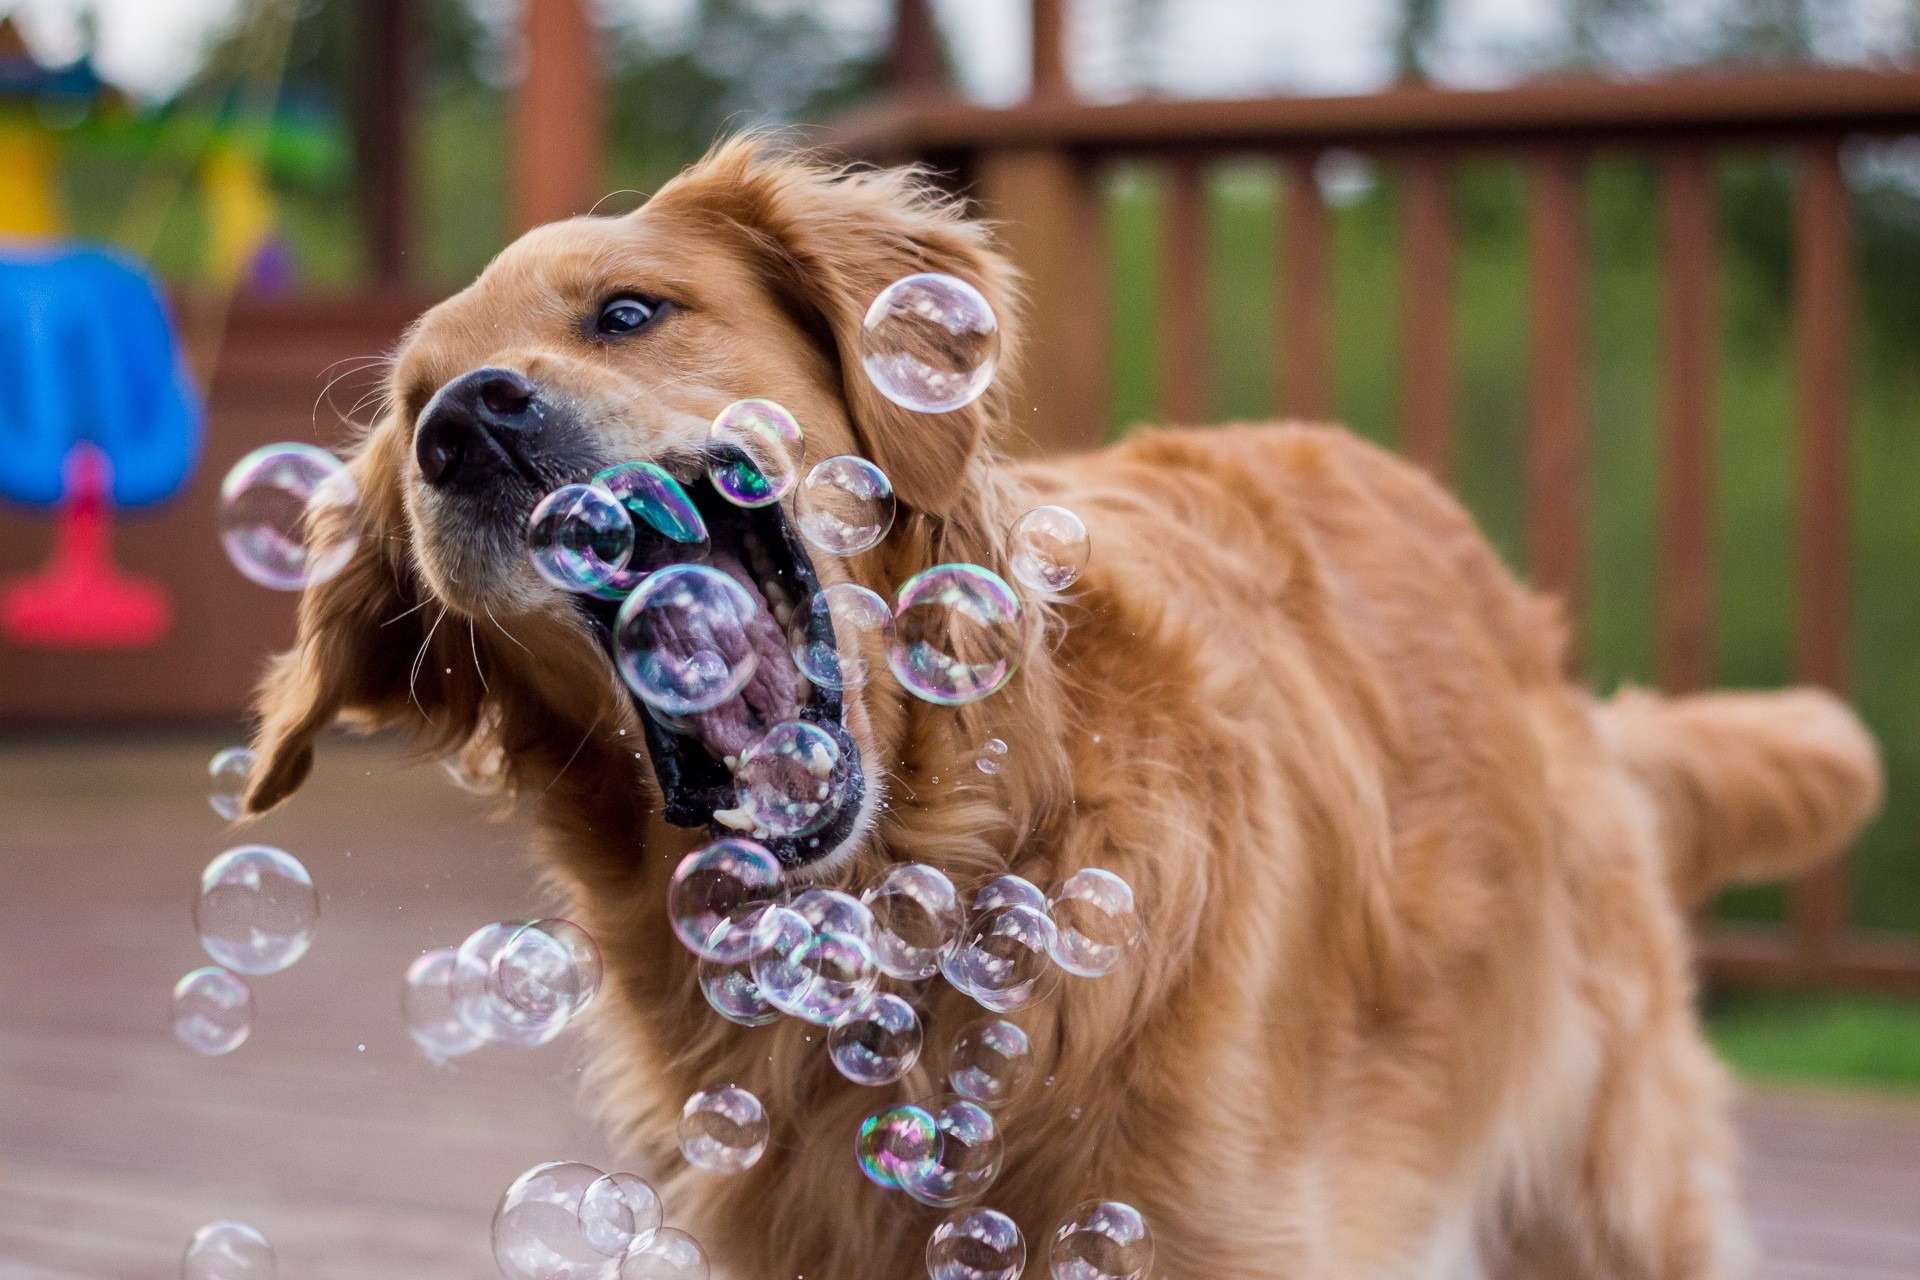 Cachorros passam pela adolescência aos 8 meses de vida (Foto: Creative commons)